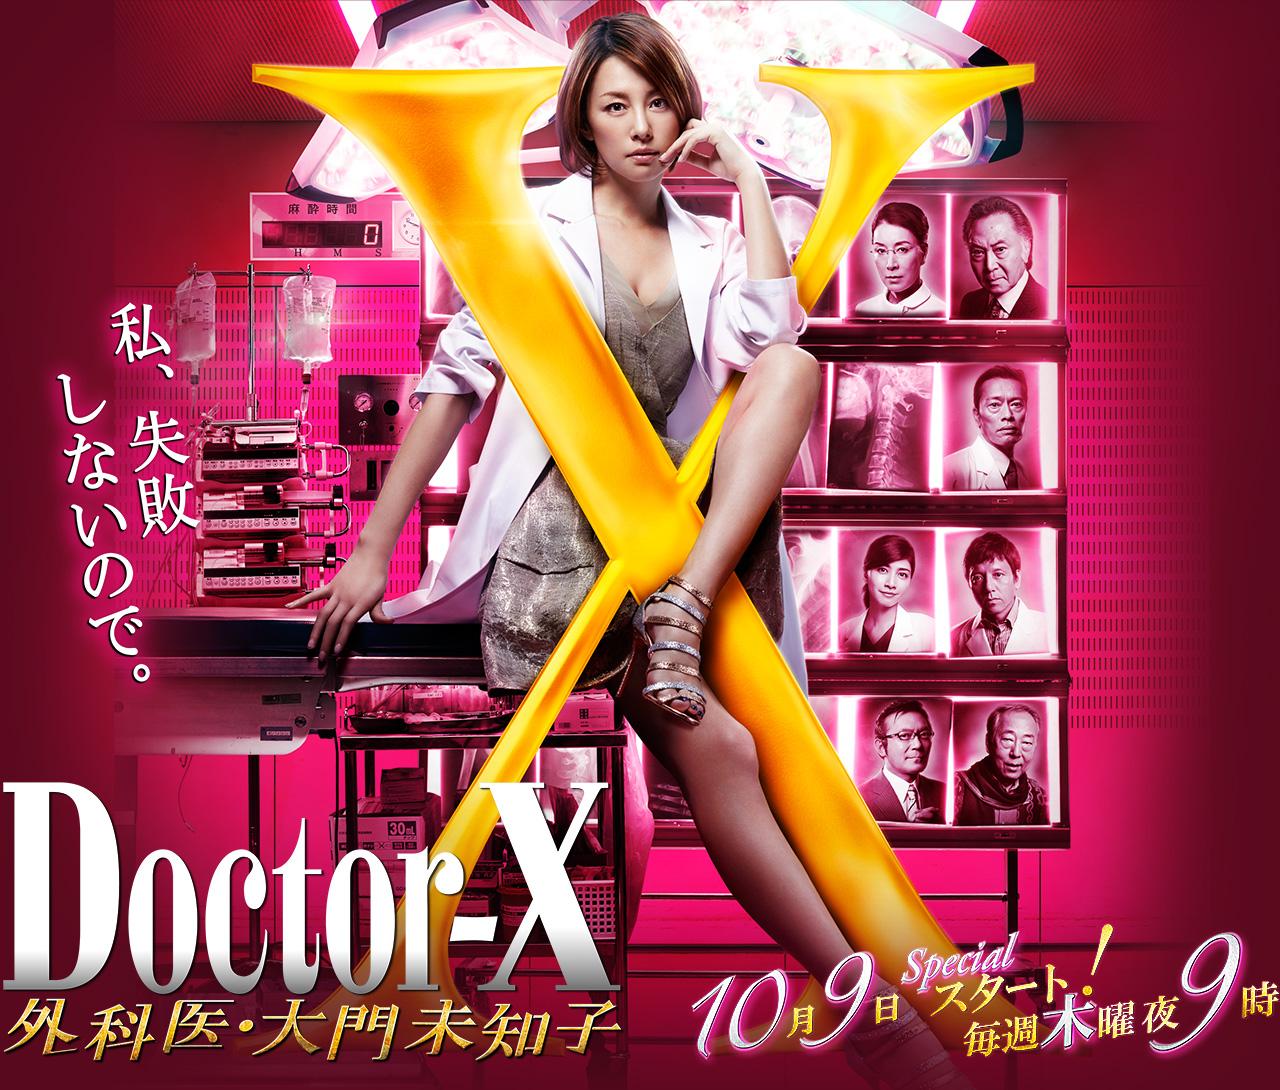 Doctorx2